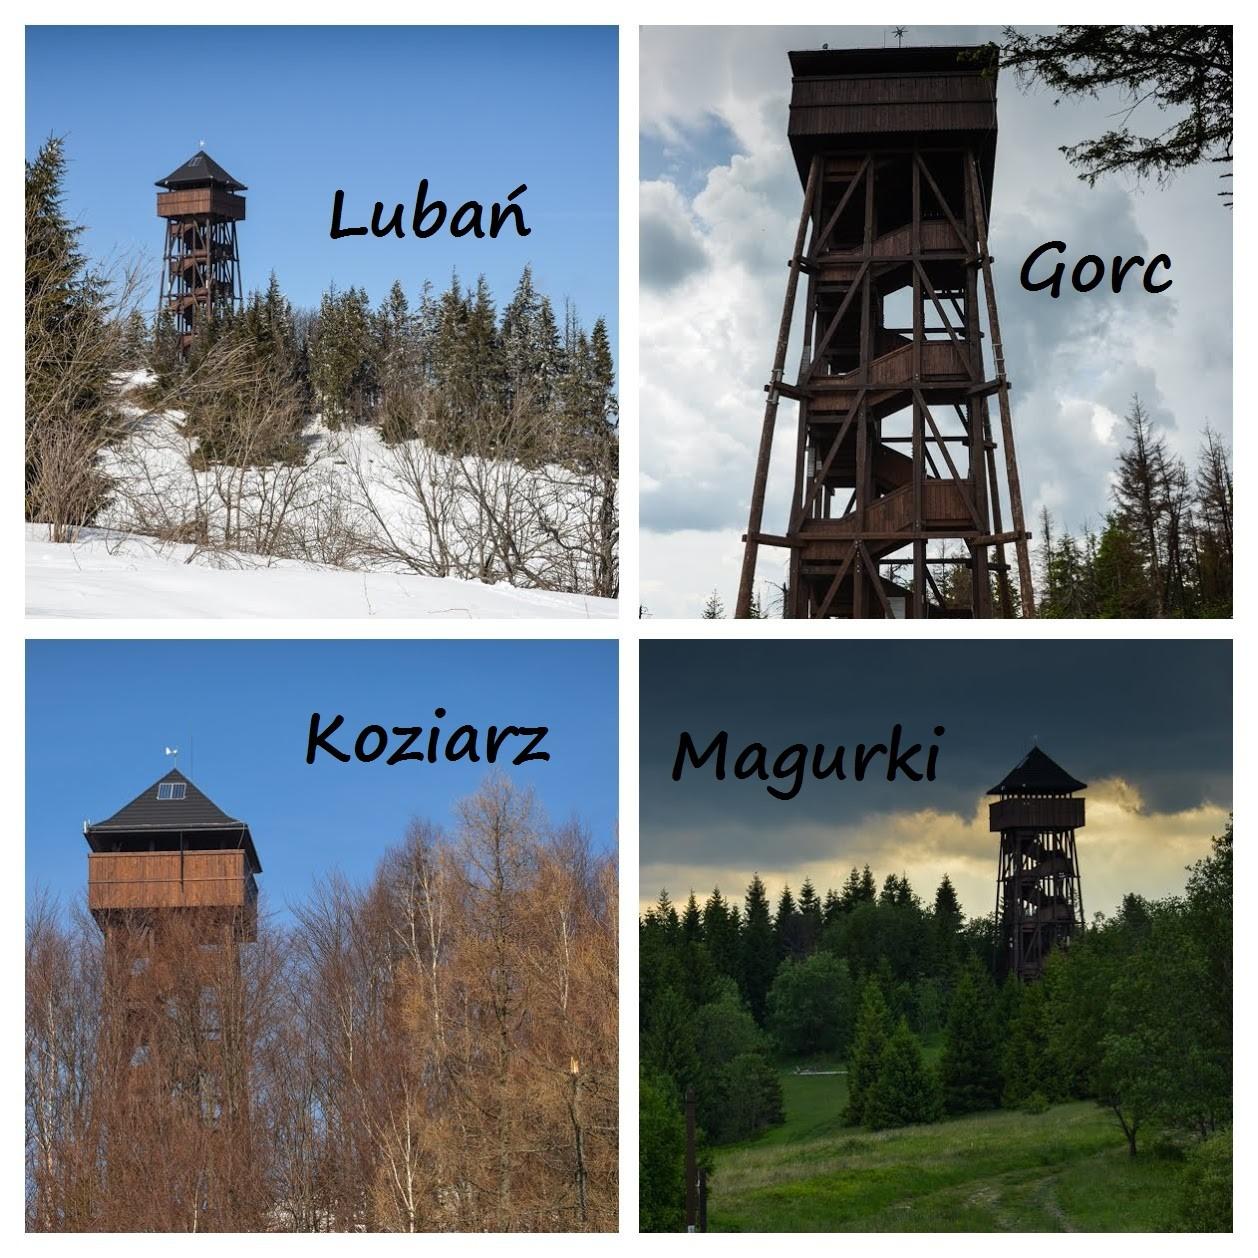 Wieże wGorcach